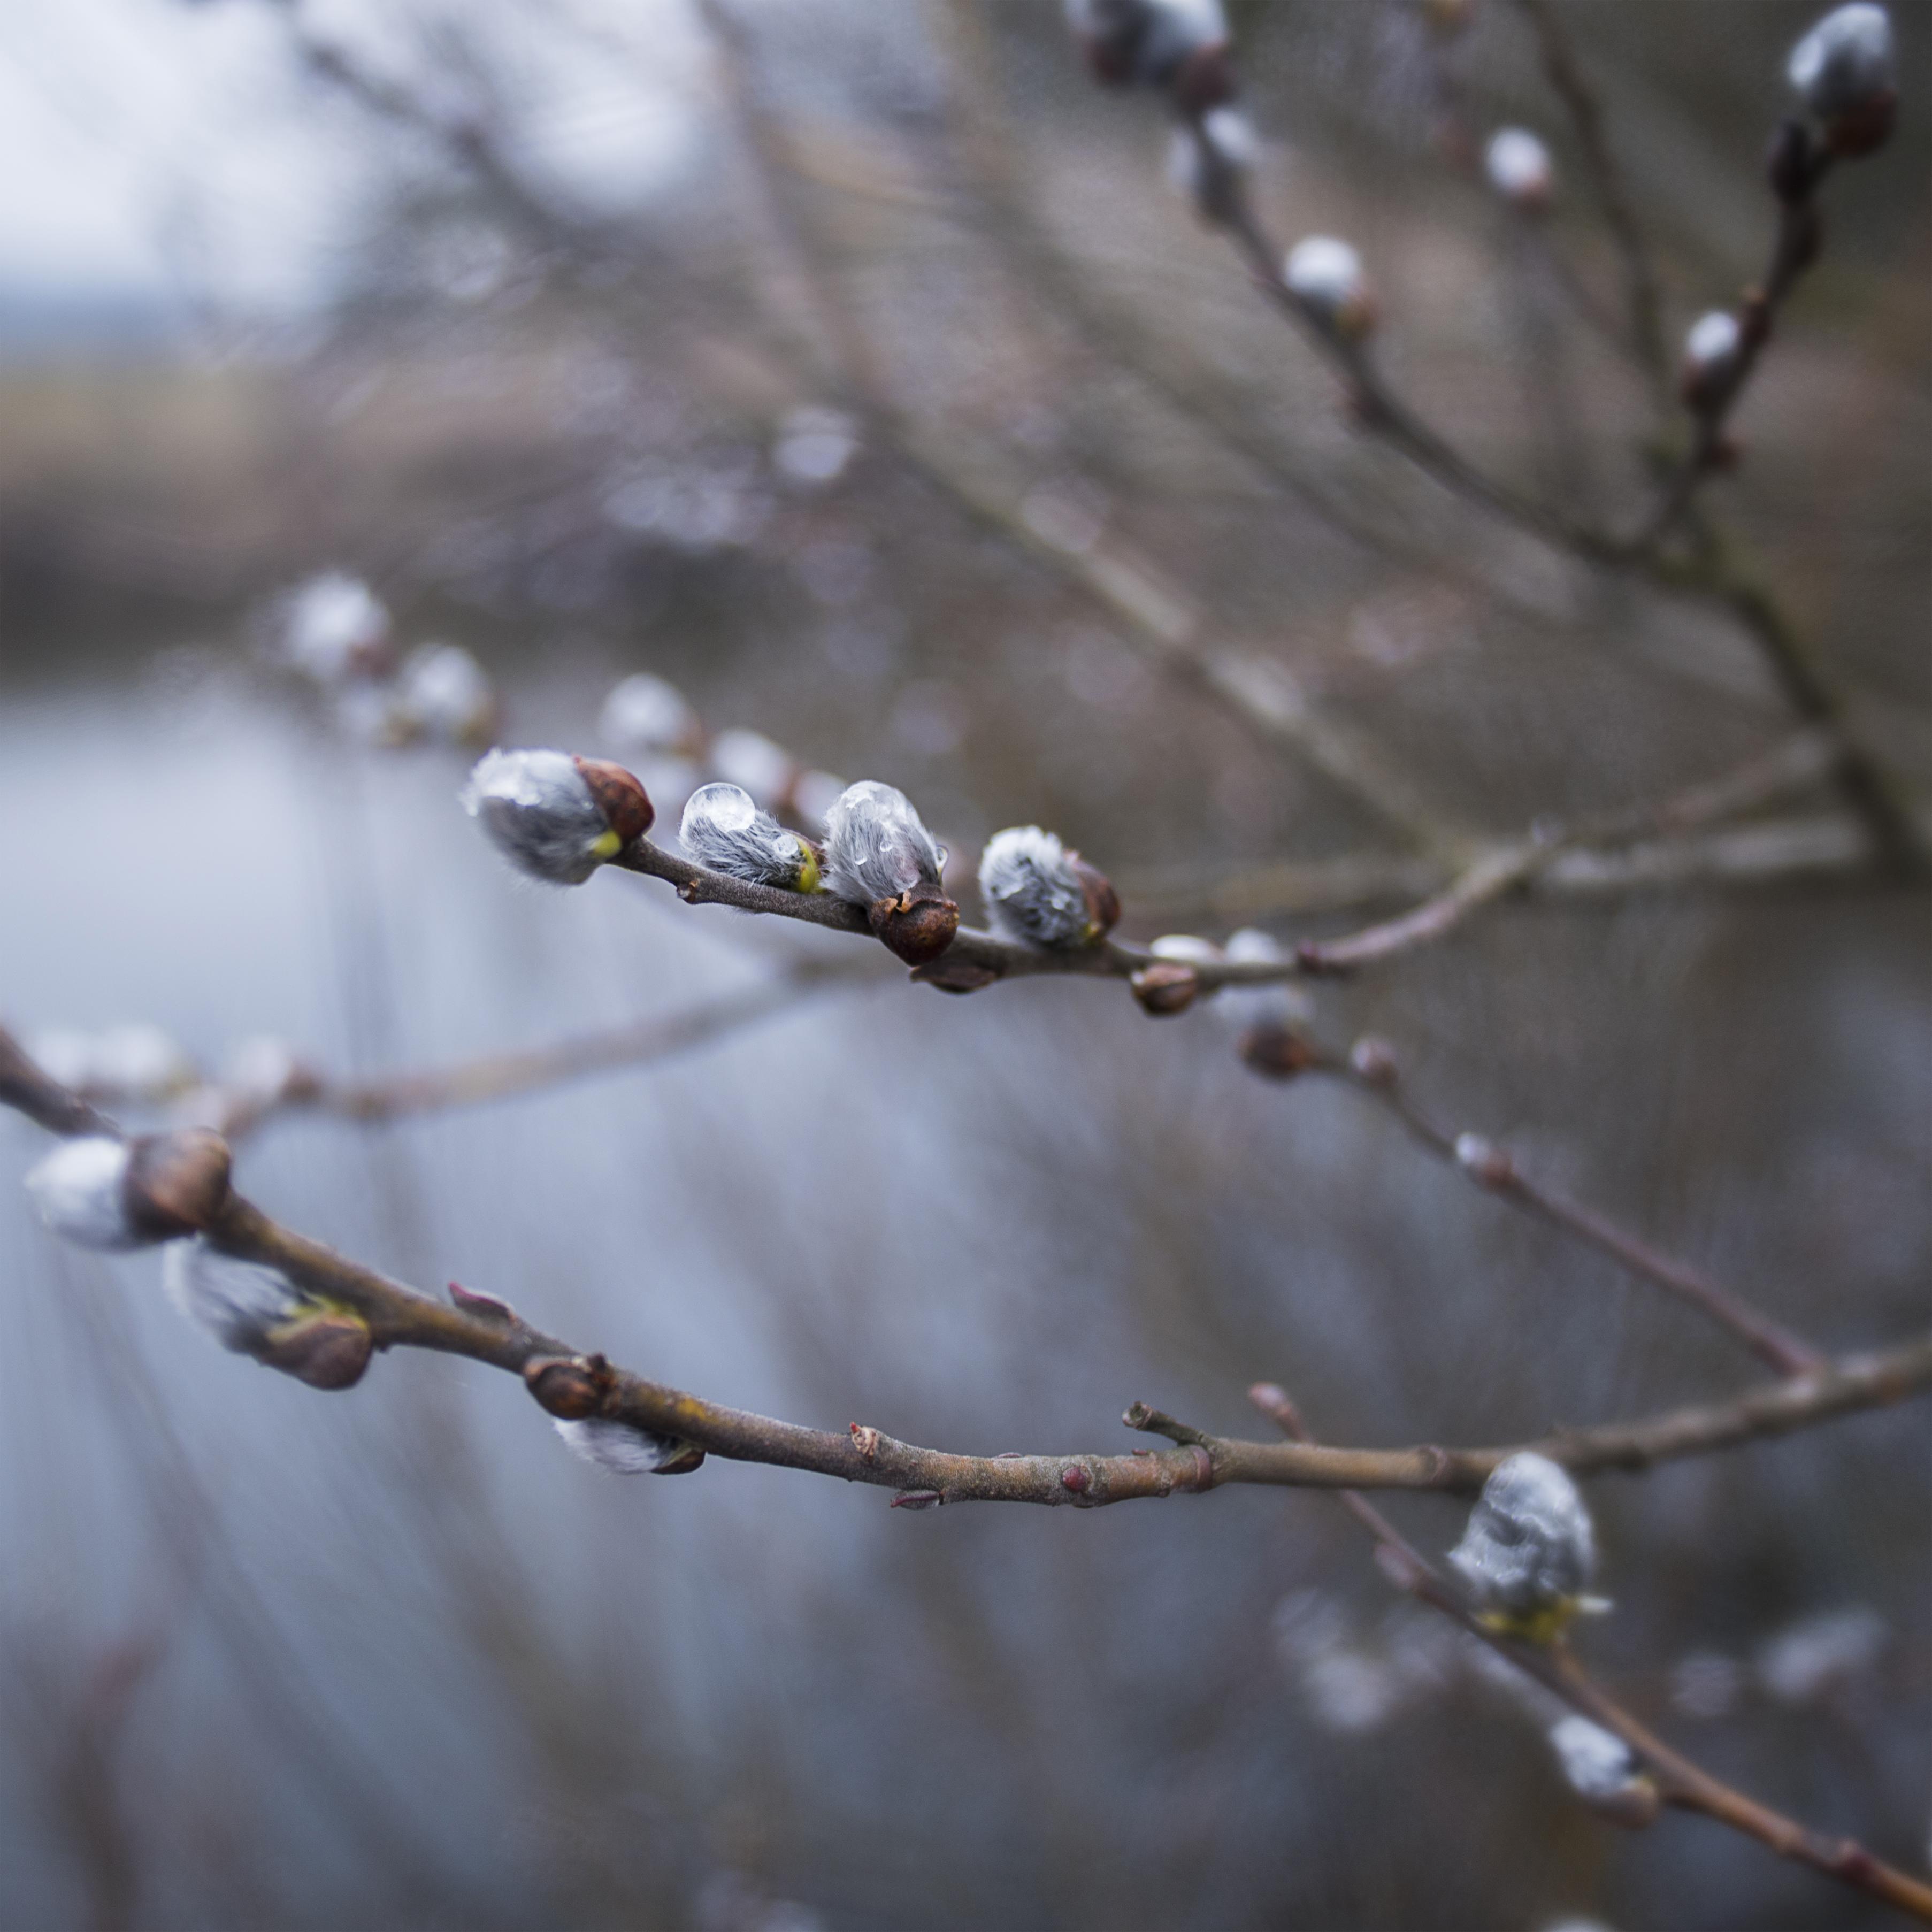 MILUNA-Ewa-Milun-Walczak-wiosna-ropucha-zaba-wczesna-kiełki-zazielenienia-wies-12